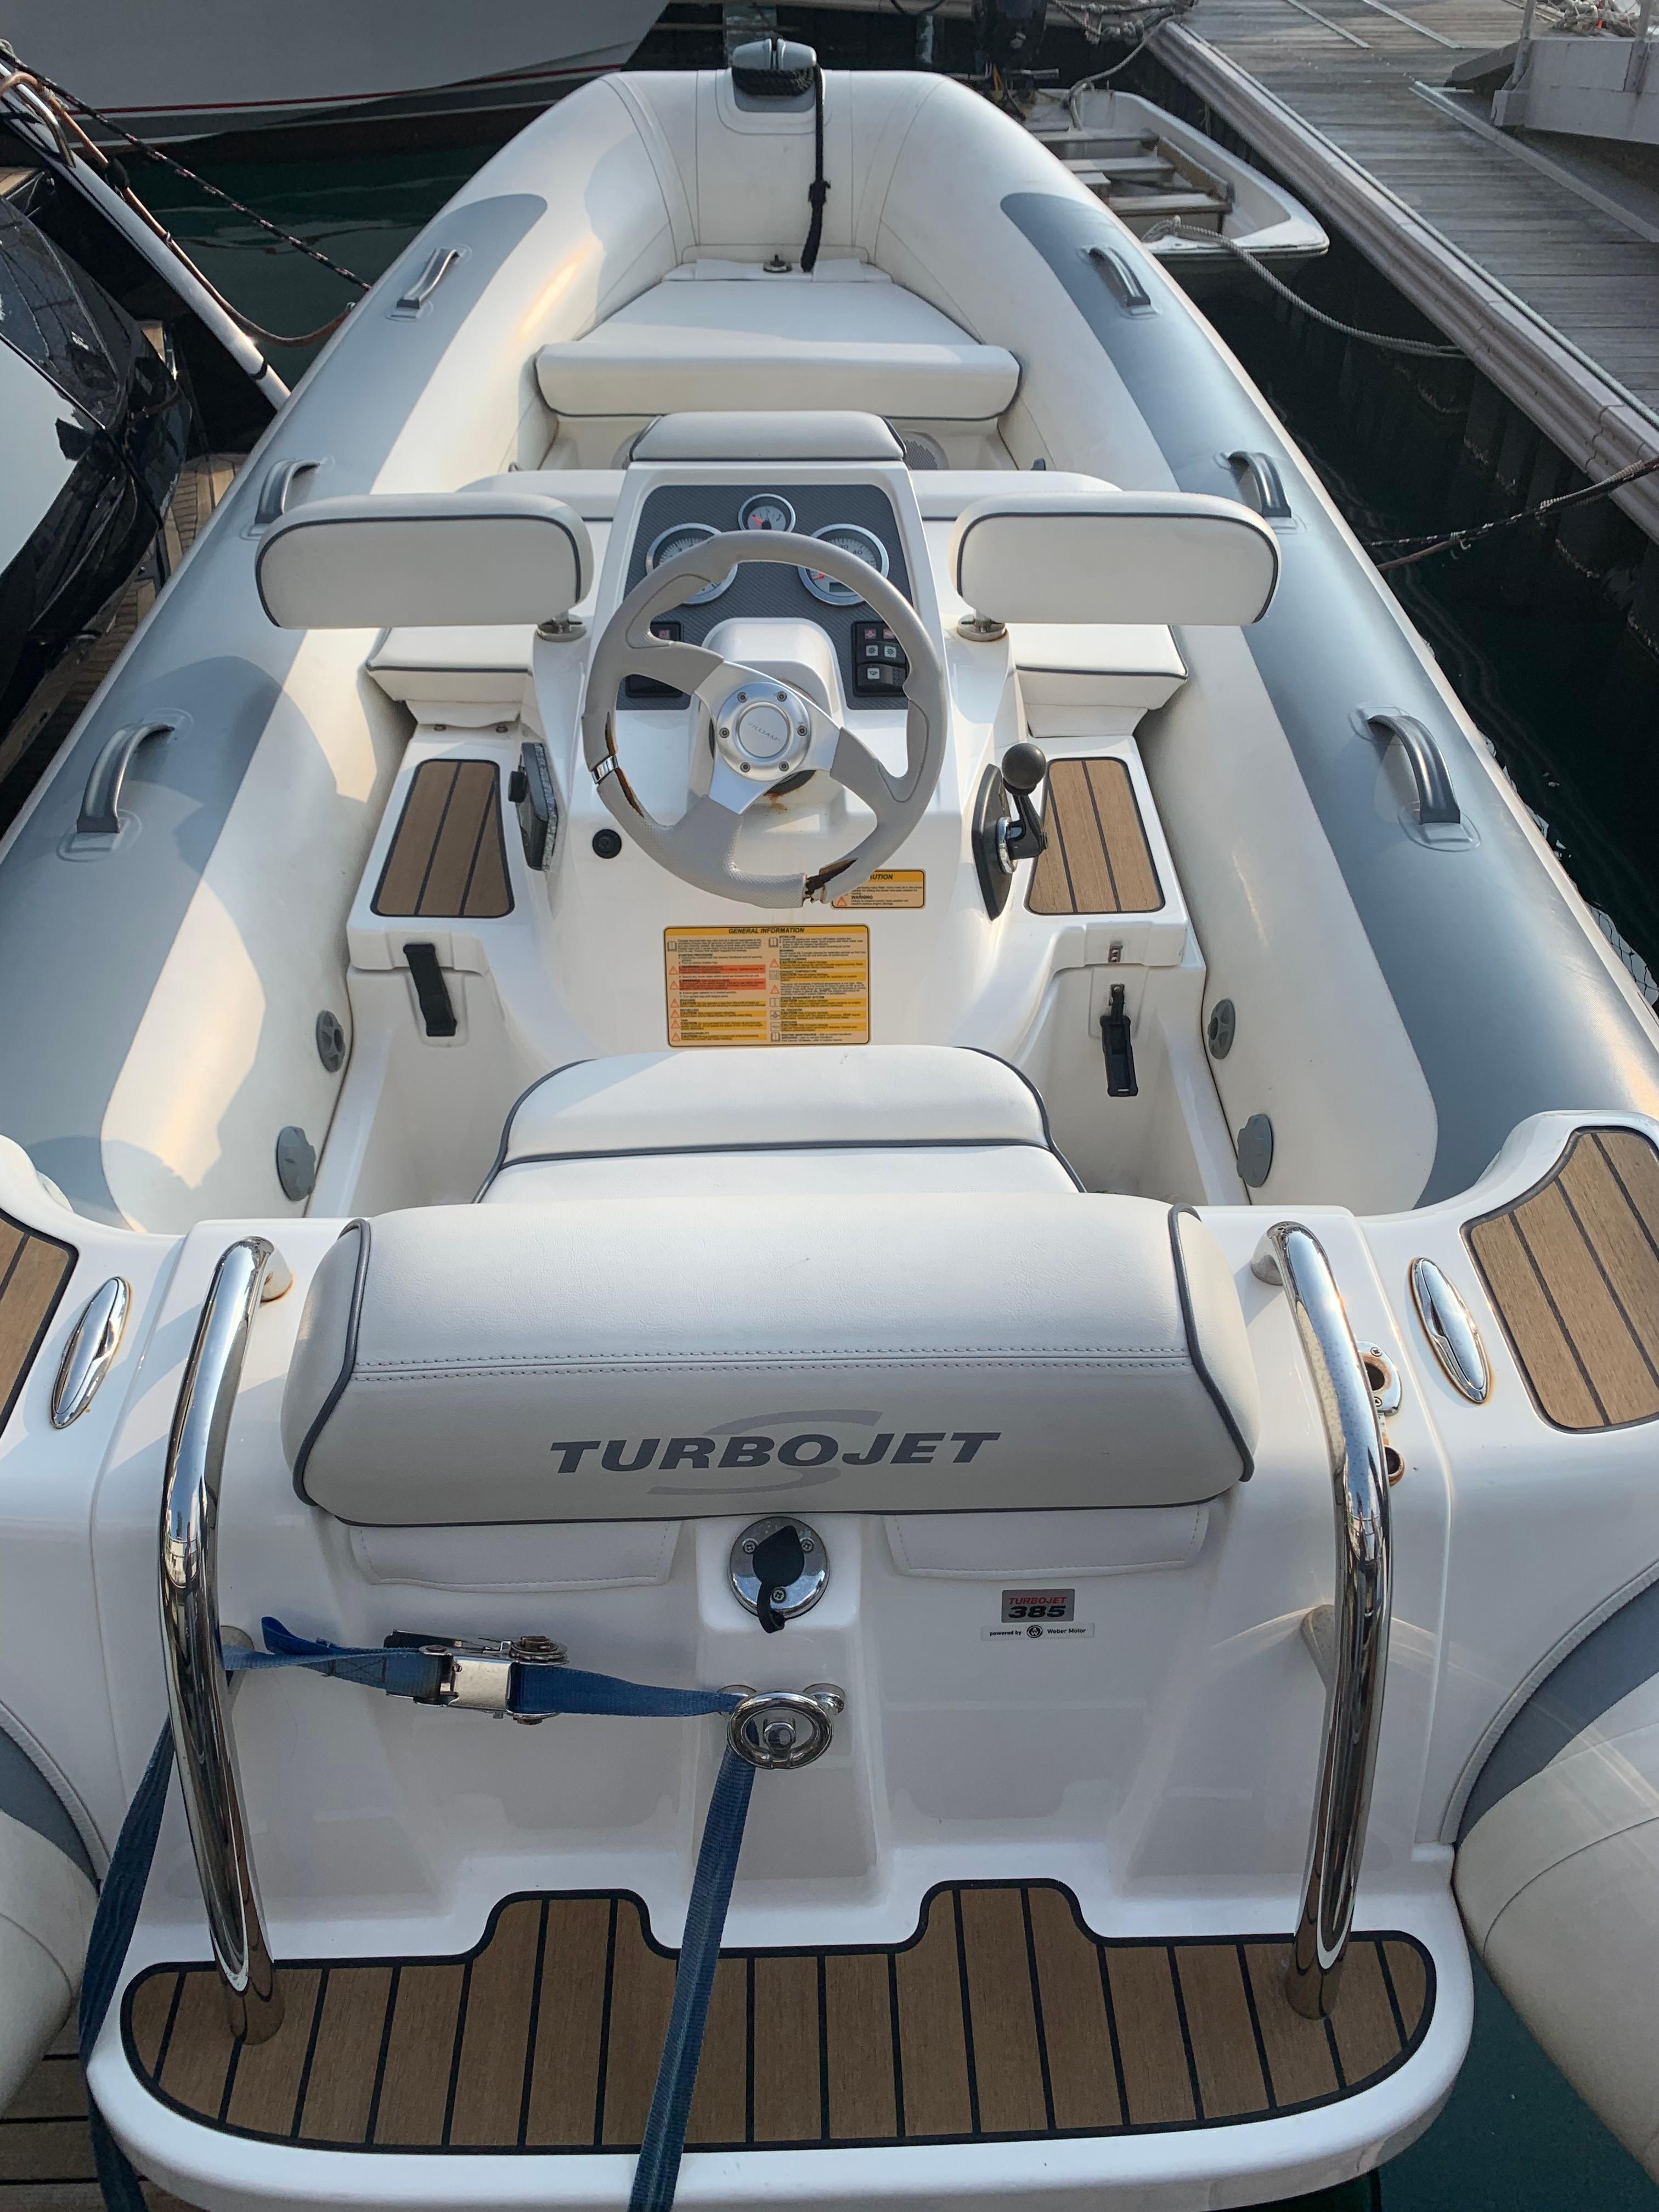 Williams Turbojet